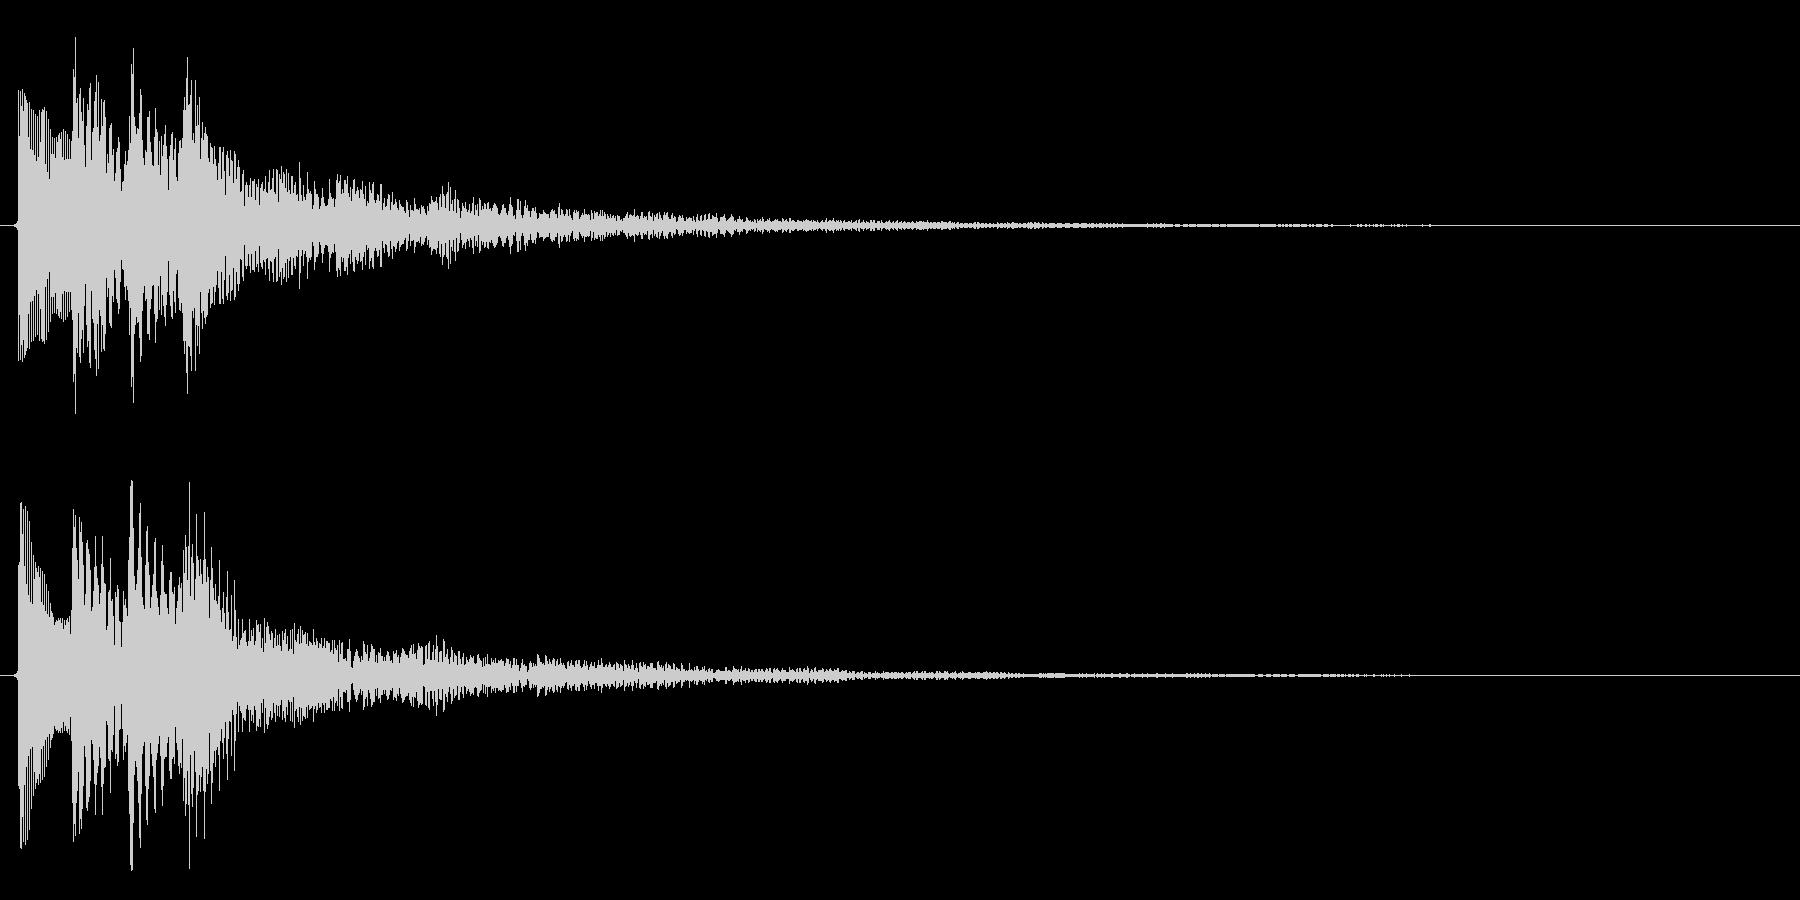 レベルアップ/上昇系/補足の未再生の波形